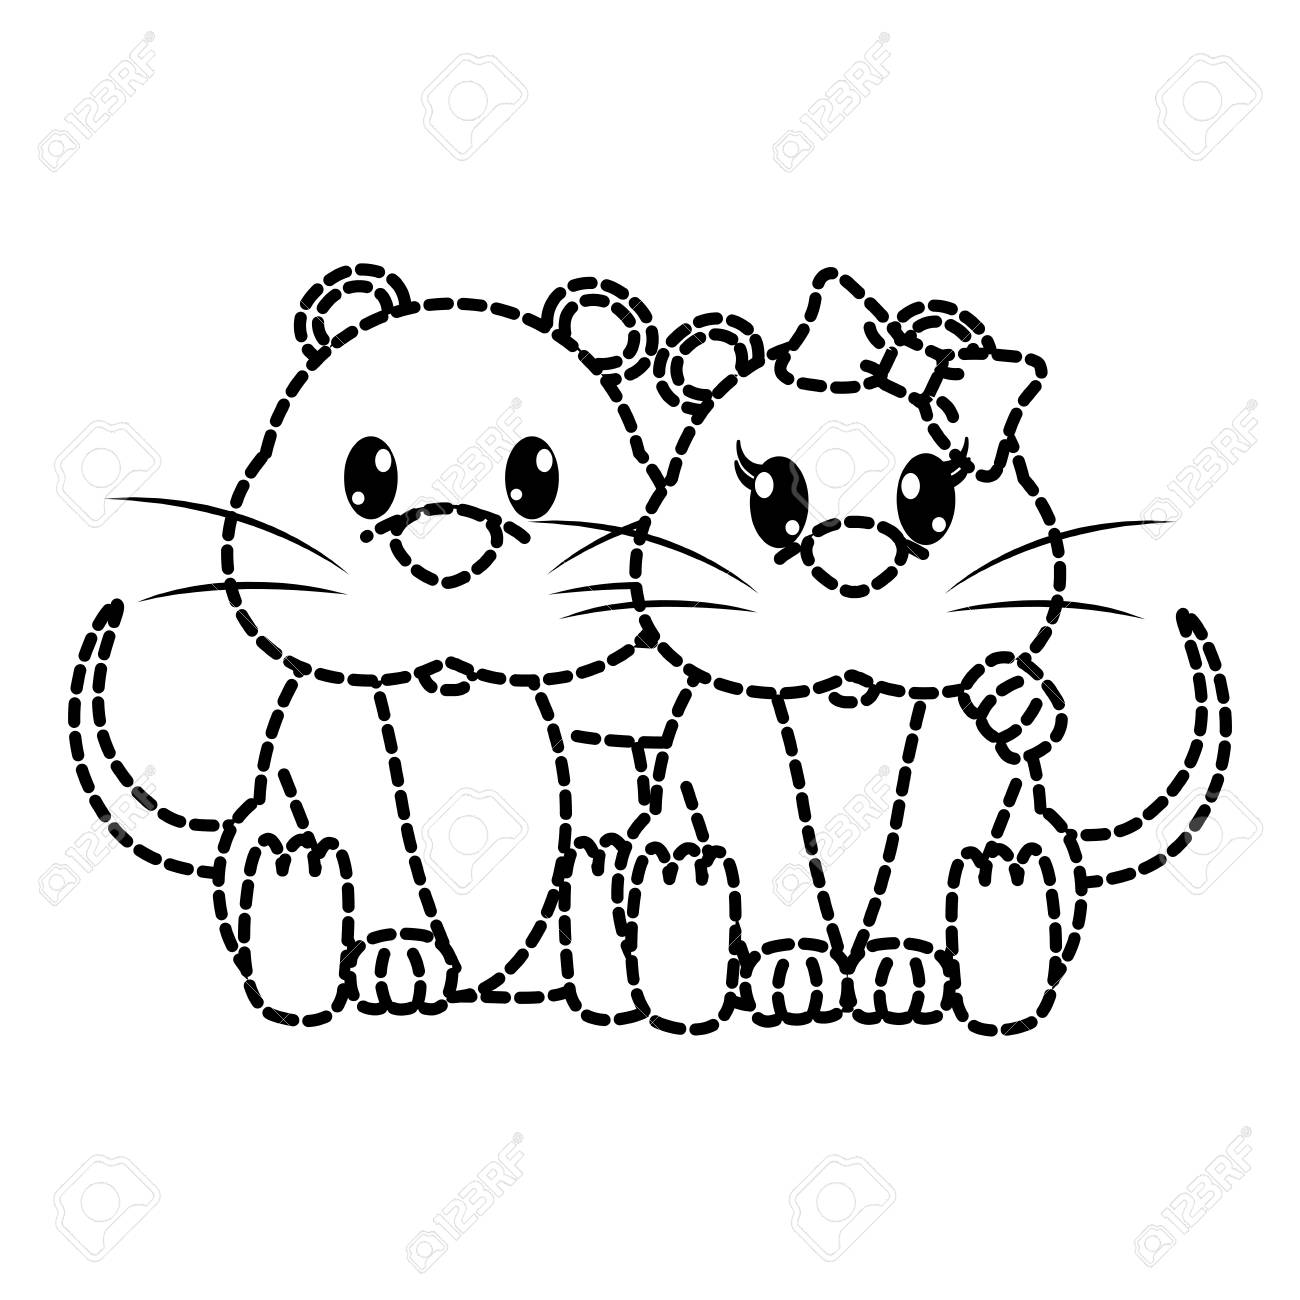 点線形状マウスカップルかわいい動物一緒にベクトルイラストのイラスト素材 ベクタ Image 95409978